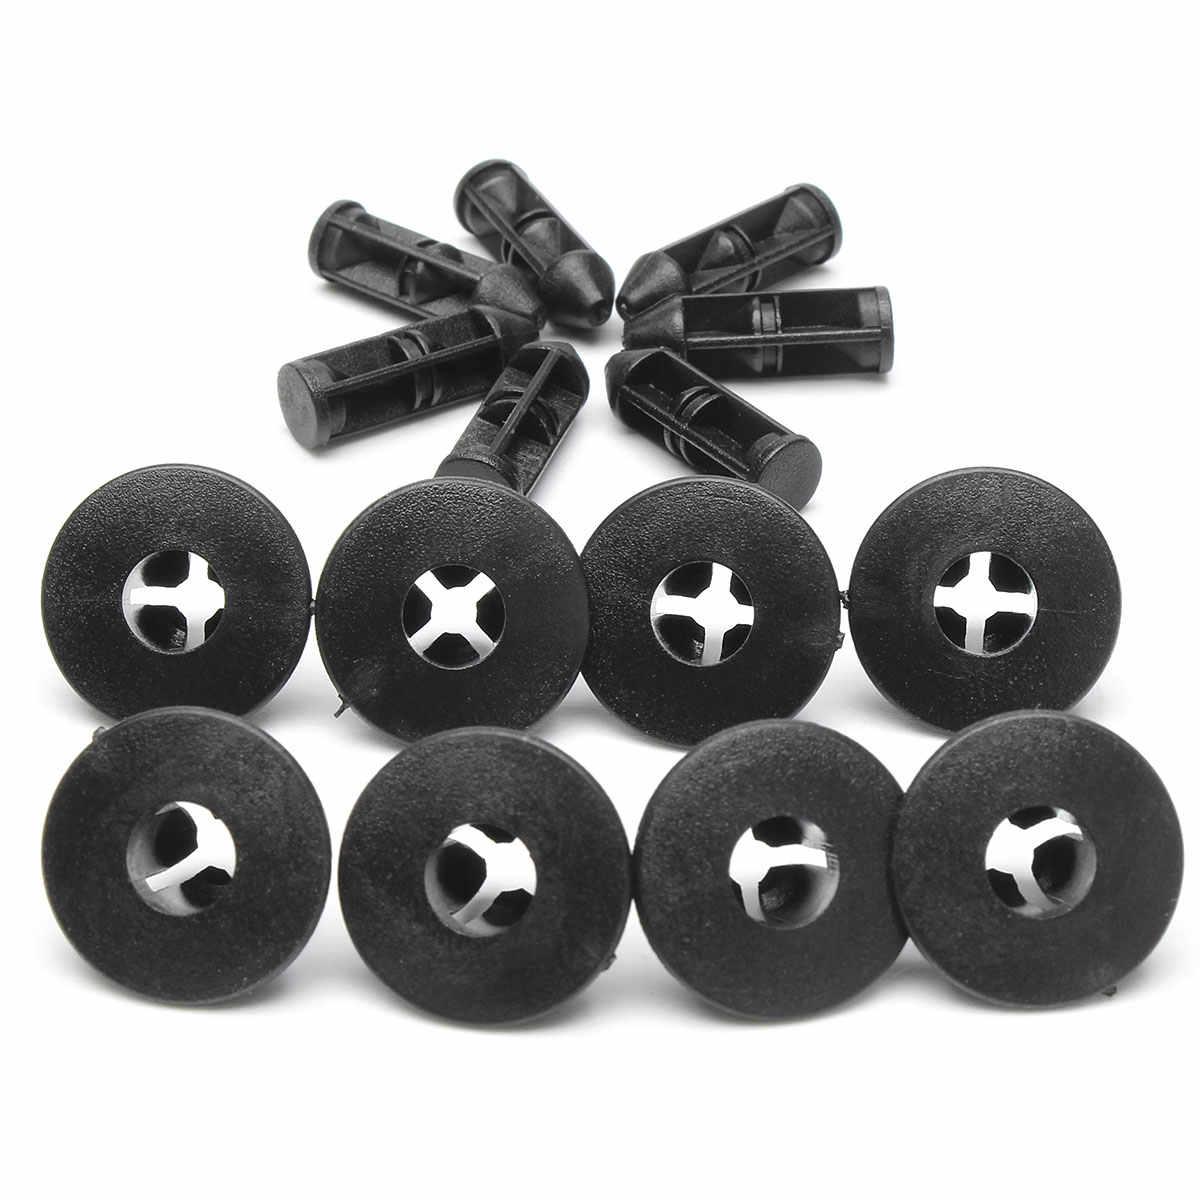 10 pièces En Plastique Rivets agrafe de garniture 8mm Pour Suzuki Pare-chocs Bas de Caisse Garniture Panneau Kit Nouveau